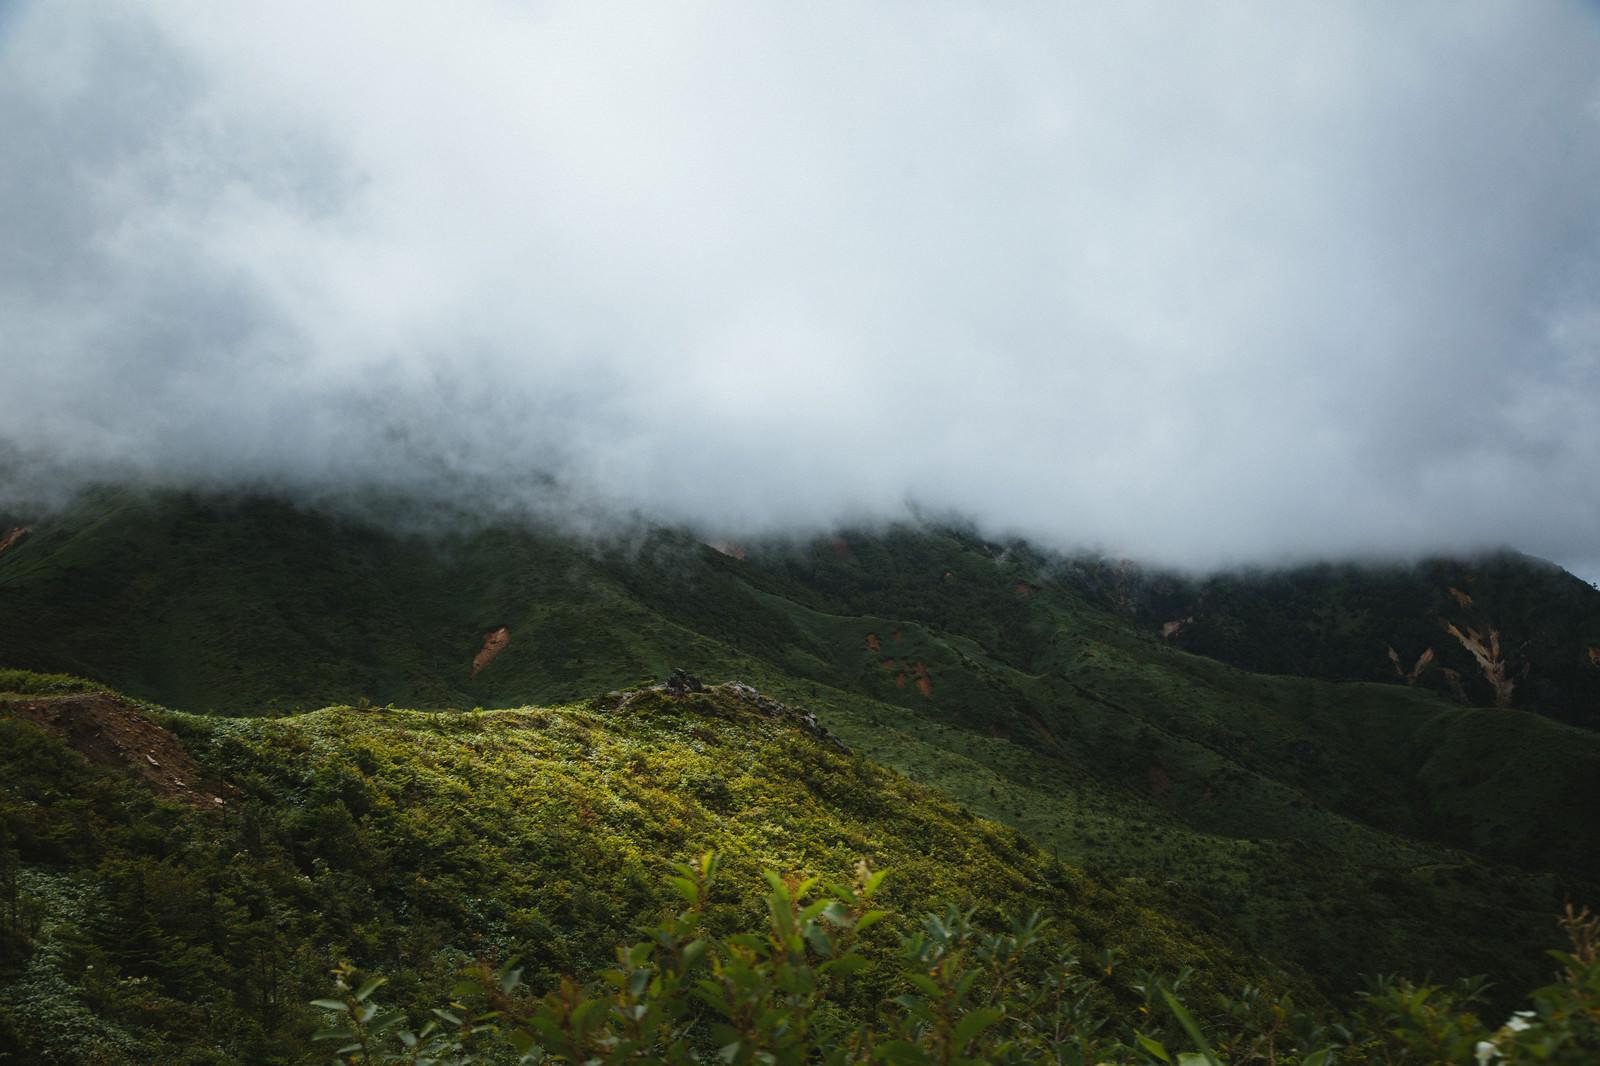 「雲で覆われた山々」の写真